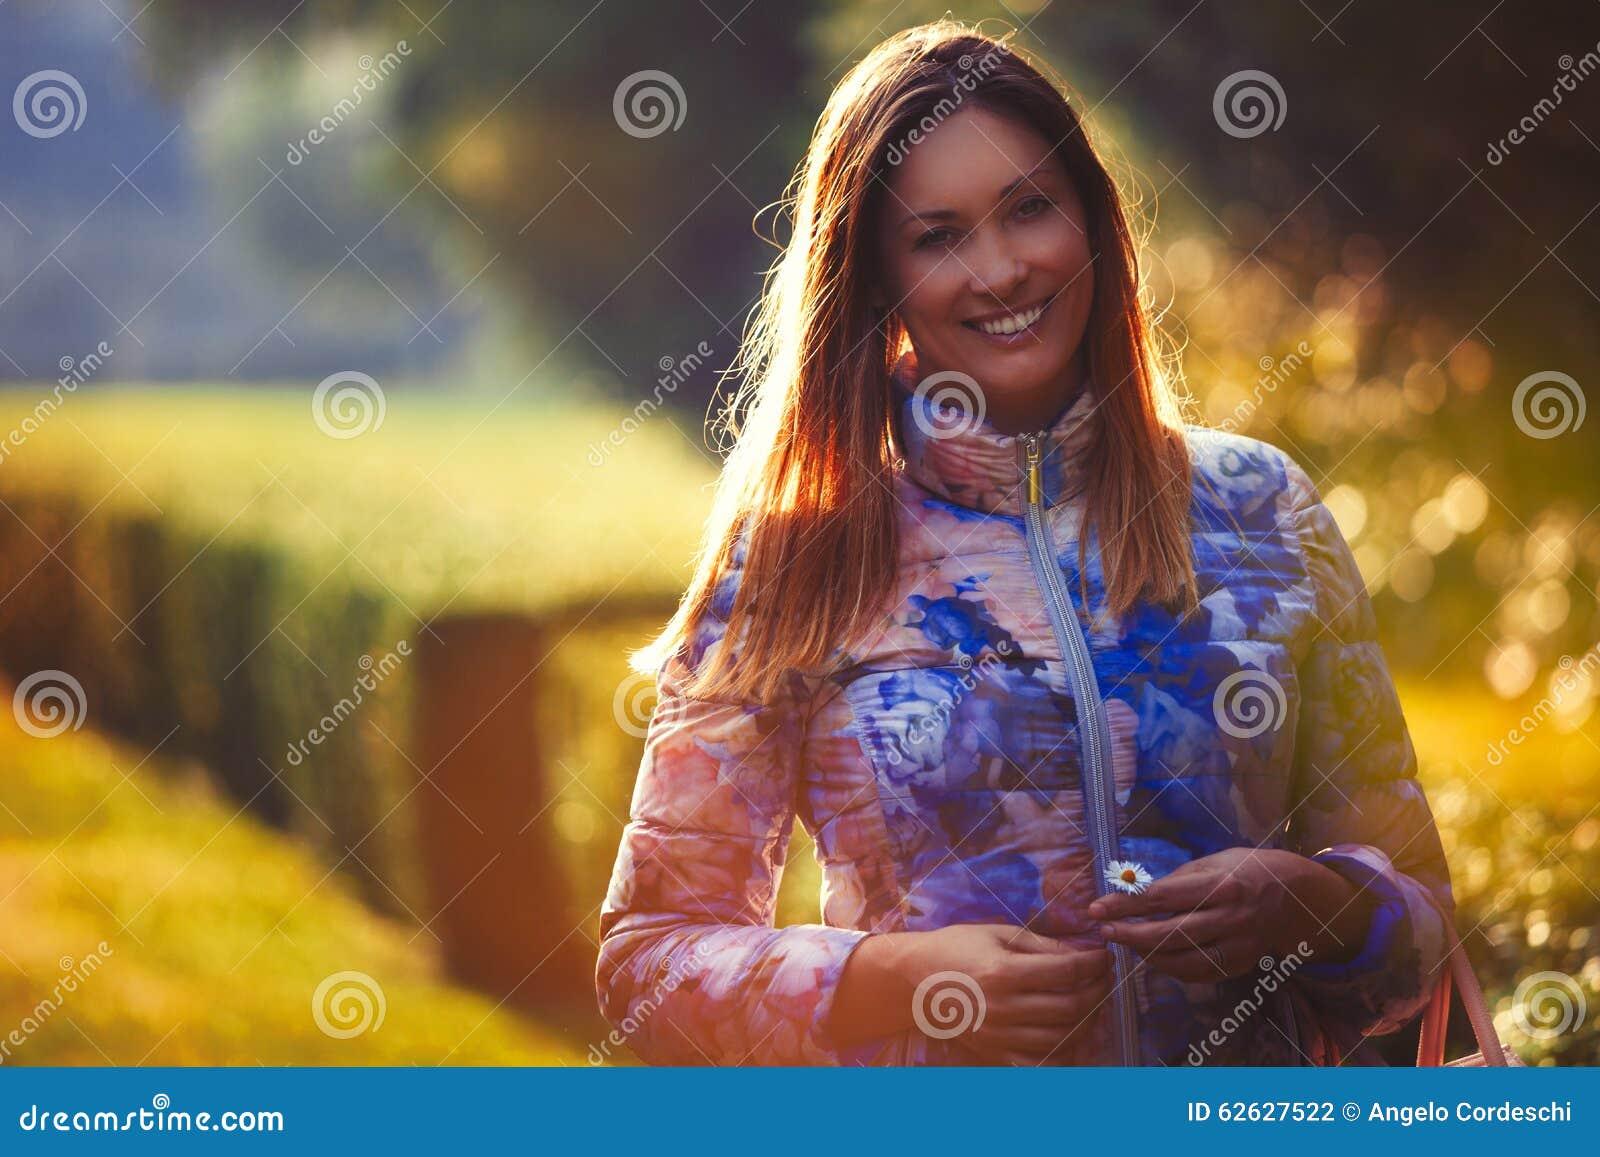 Jeune femme joyeuse dans l amour, contre-jour extérieur Émotions et bonheur